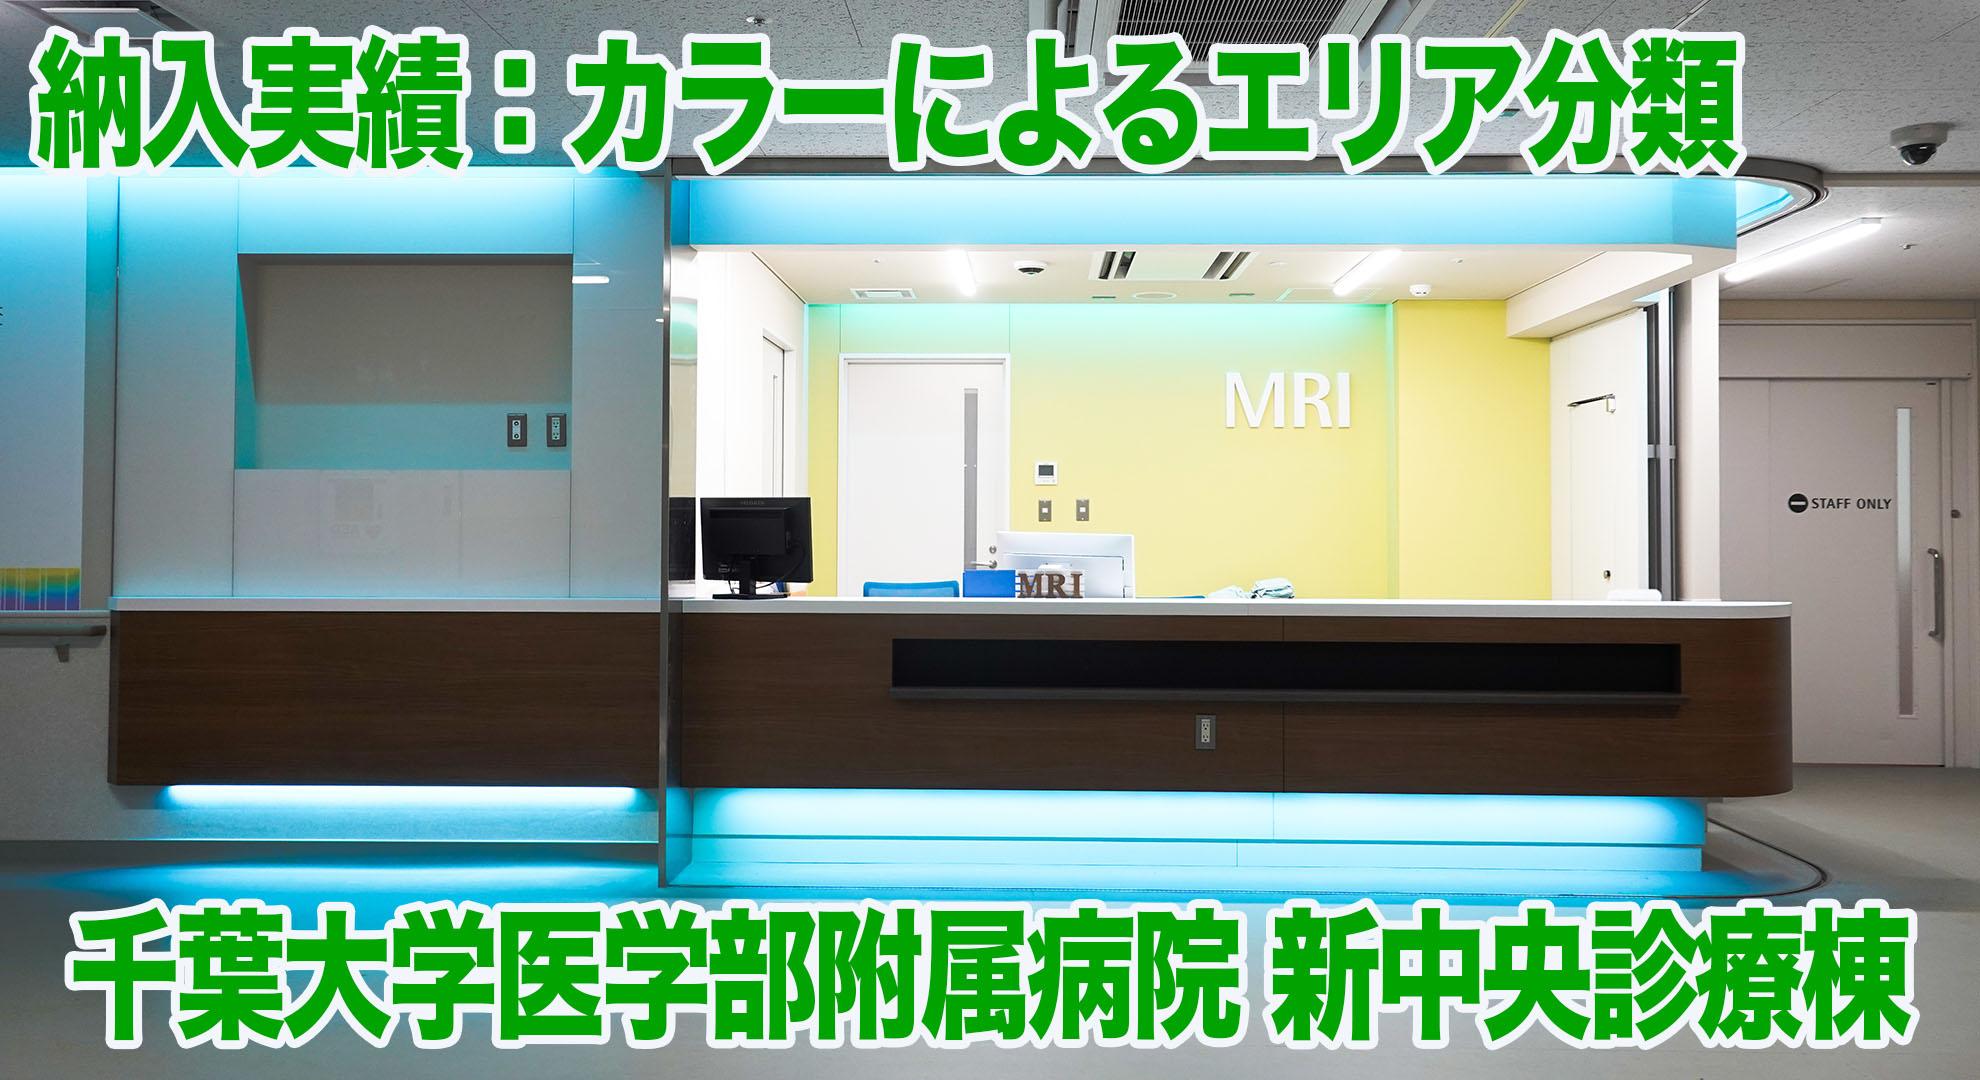 【DMX納入】千葉大学医学部附属病院 RGB環境照明によるエリア分類